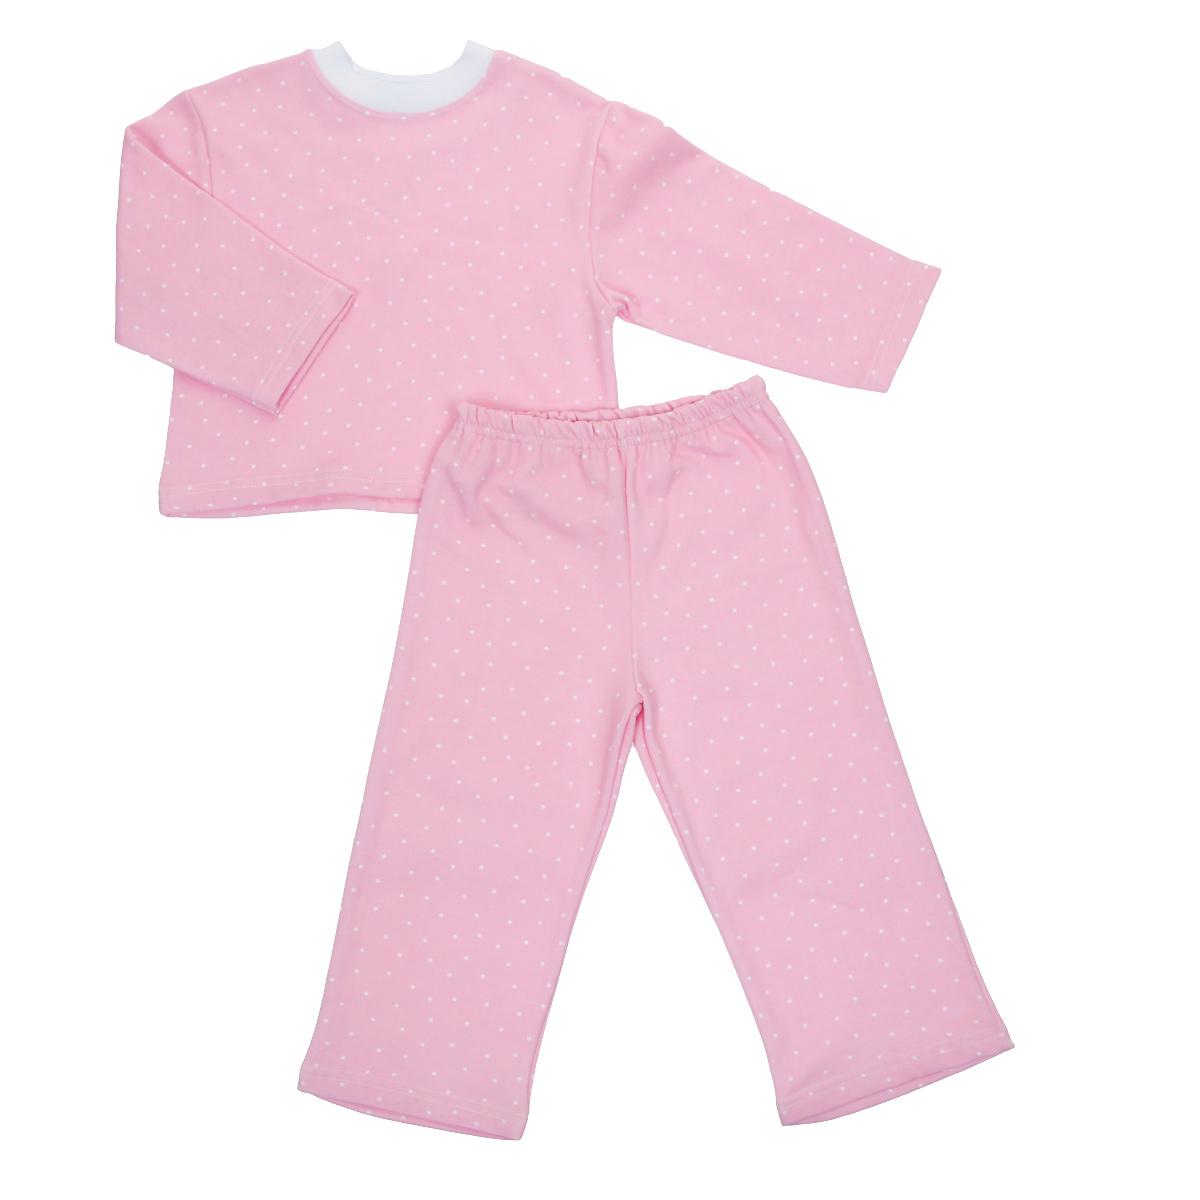 Пижама детская Трон-плюс, цвет: розовый, белый, рисунок горох. 5553. Размер 86/92, 2-3 года5553Яркая детская пижама Трон-плюс, состоящая из кофточки и штанишек, идеально подойдет вашему малышу и станет отличным дополнением к детскому гардеробу. Теплая пижама, изготовленная из набивного футера - натурального хлопка, необычайно мягкая и легкая, не сковывает движения ребенка, позволяет коже дышать и не раздражает даже самую нежную и чувствительную кожу малыша. Кофта с длинными рукавами имеет круглый вырез горловины. Штанишки на удобной резинке не сдавливают животик ребенка и не сползают.В такой пижаме ваш ребенок будет чувствовать себя комфортно и уютно во время сна.